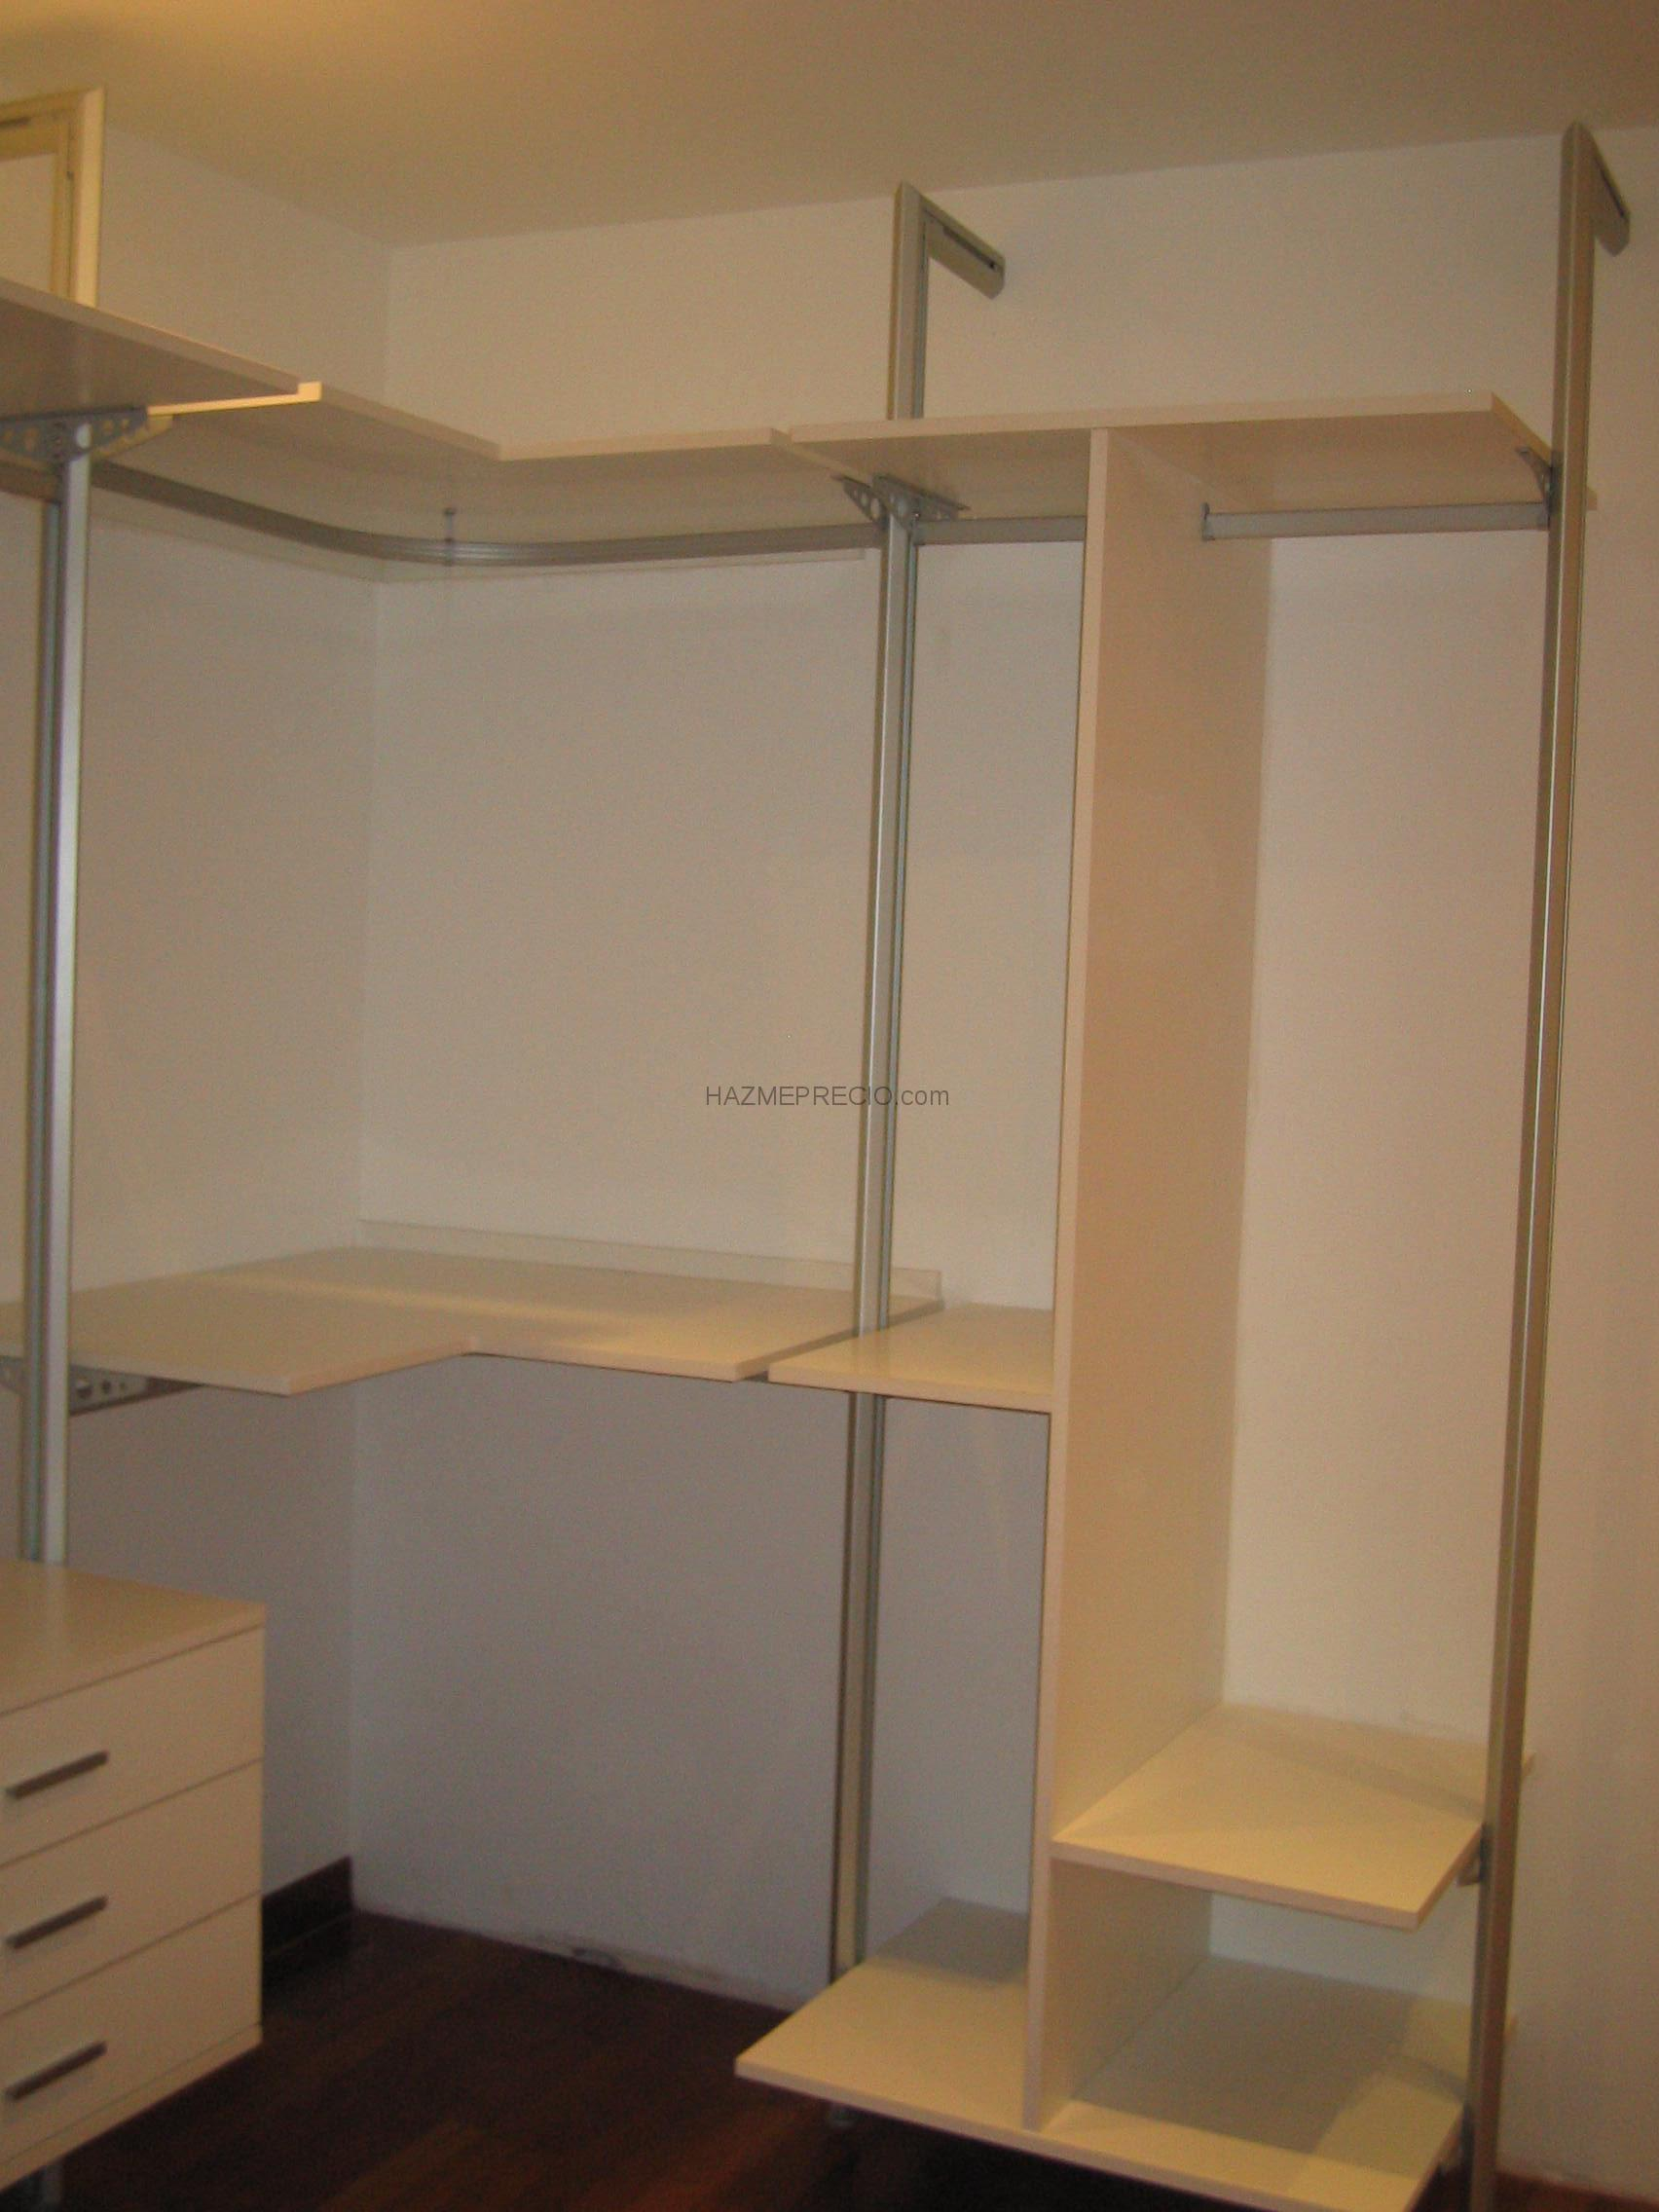 Presupuesto para montar muebles de cocina sueca valencia - Eurokit cocinas ...